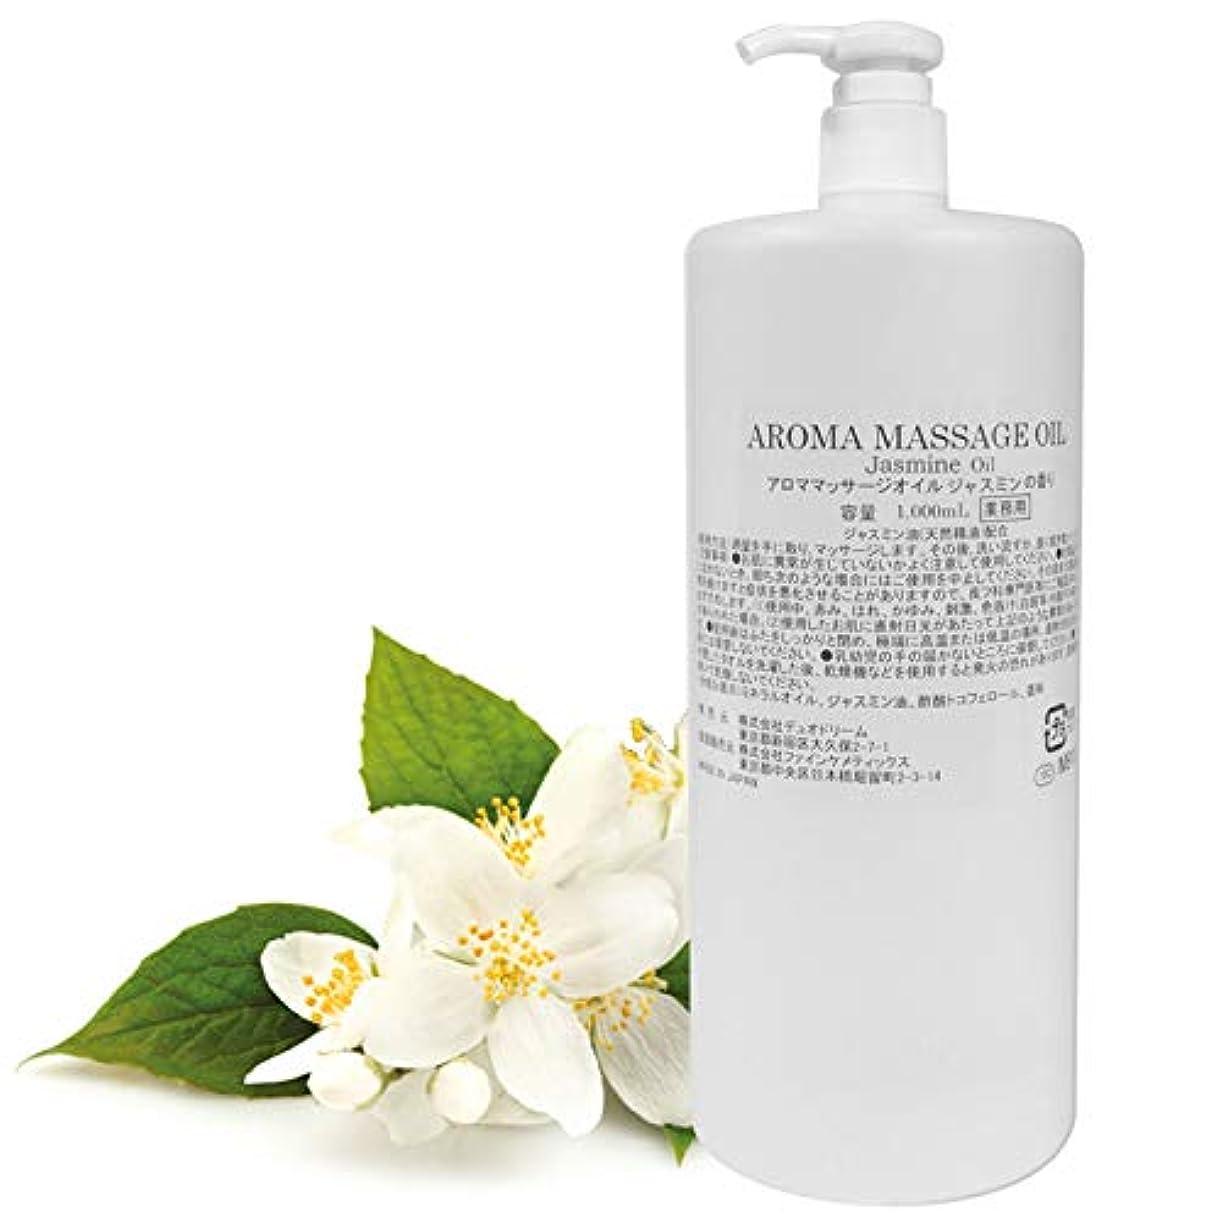 不名誉機械的にキャリアNEW 日本製 アロママッサージオイル ジャスミン 1000mL 業務用 ★ジャスミン油 天然精油配合 エキゾチックなジャスミンの香り さっぱりタイプ ジャスミンオイル